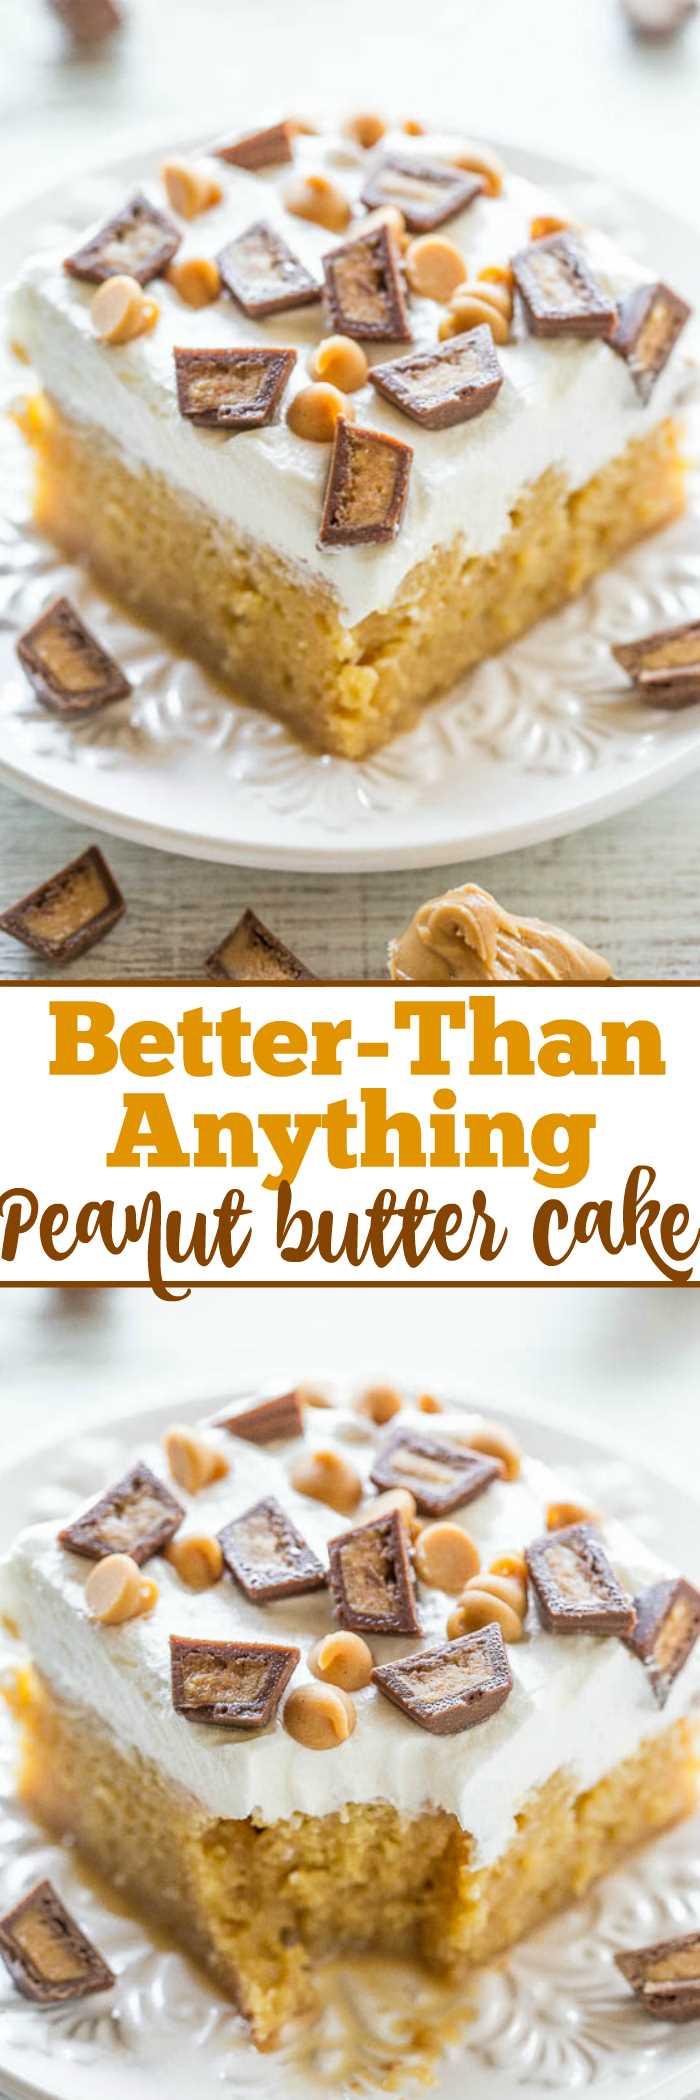 Torta de manteiga de amendoim melhor do que qualquer coisa: sonho dos amantes de manteiga de amendoim: PB, batatas fritas e copos PB! Um bolo fácil de misturar, mergulhado em caramelo para mantê-lo super úmido! Ele faz jus ao seu nome e tem um sabor INCRÍVEL !!